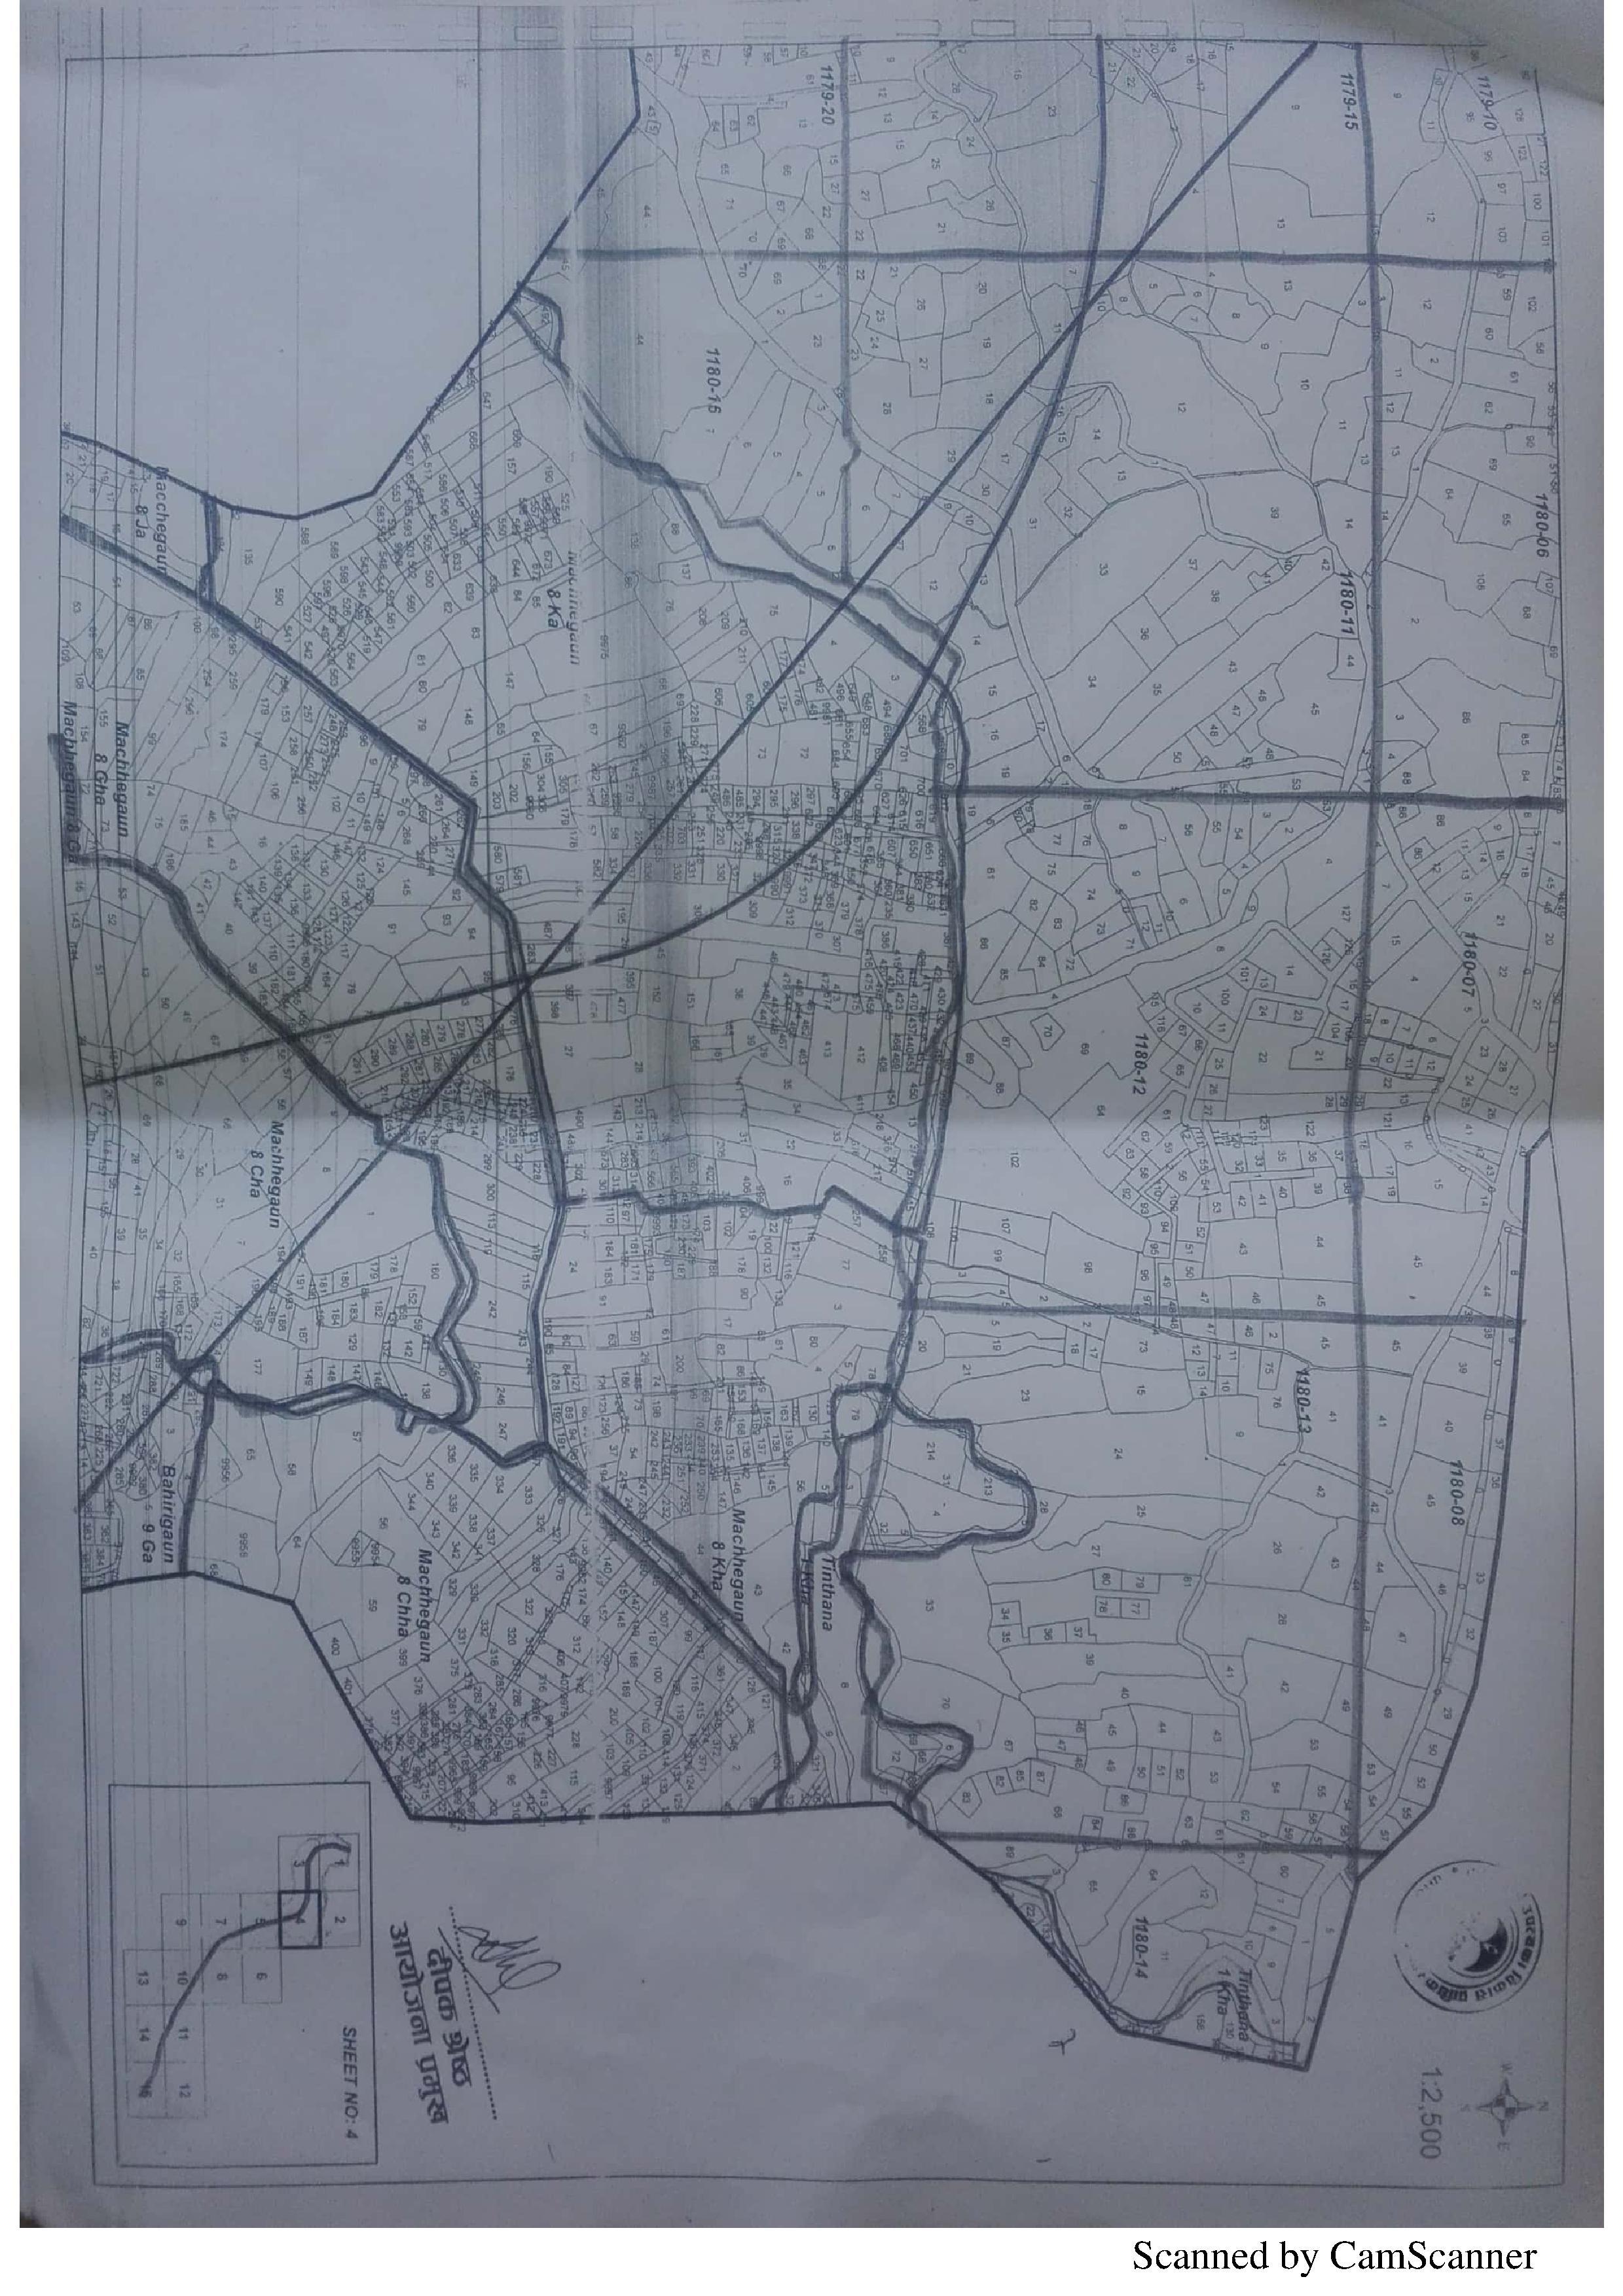 Chandragirinews outer-ring-road-4 बाहिरी चक्रपथको डि.पि.आर. (कित्ता न. सहित) तीनथाना दहचोक नगरपालिका नैकाप नयाँ भन्ज्यांग नैकाप पुरानो भन्ज्यांग बोसिंगाउँ ब्रेकिंग न्युज मछेगाउँ मातातिर्थ मुख्य राष्ट्रिय सतुंगल    chandragiri